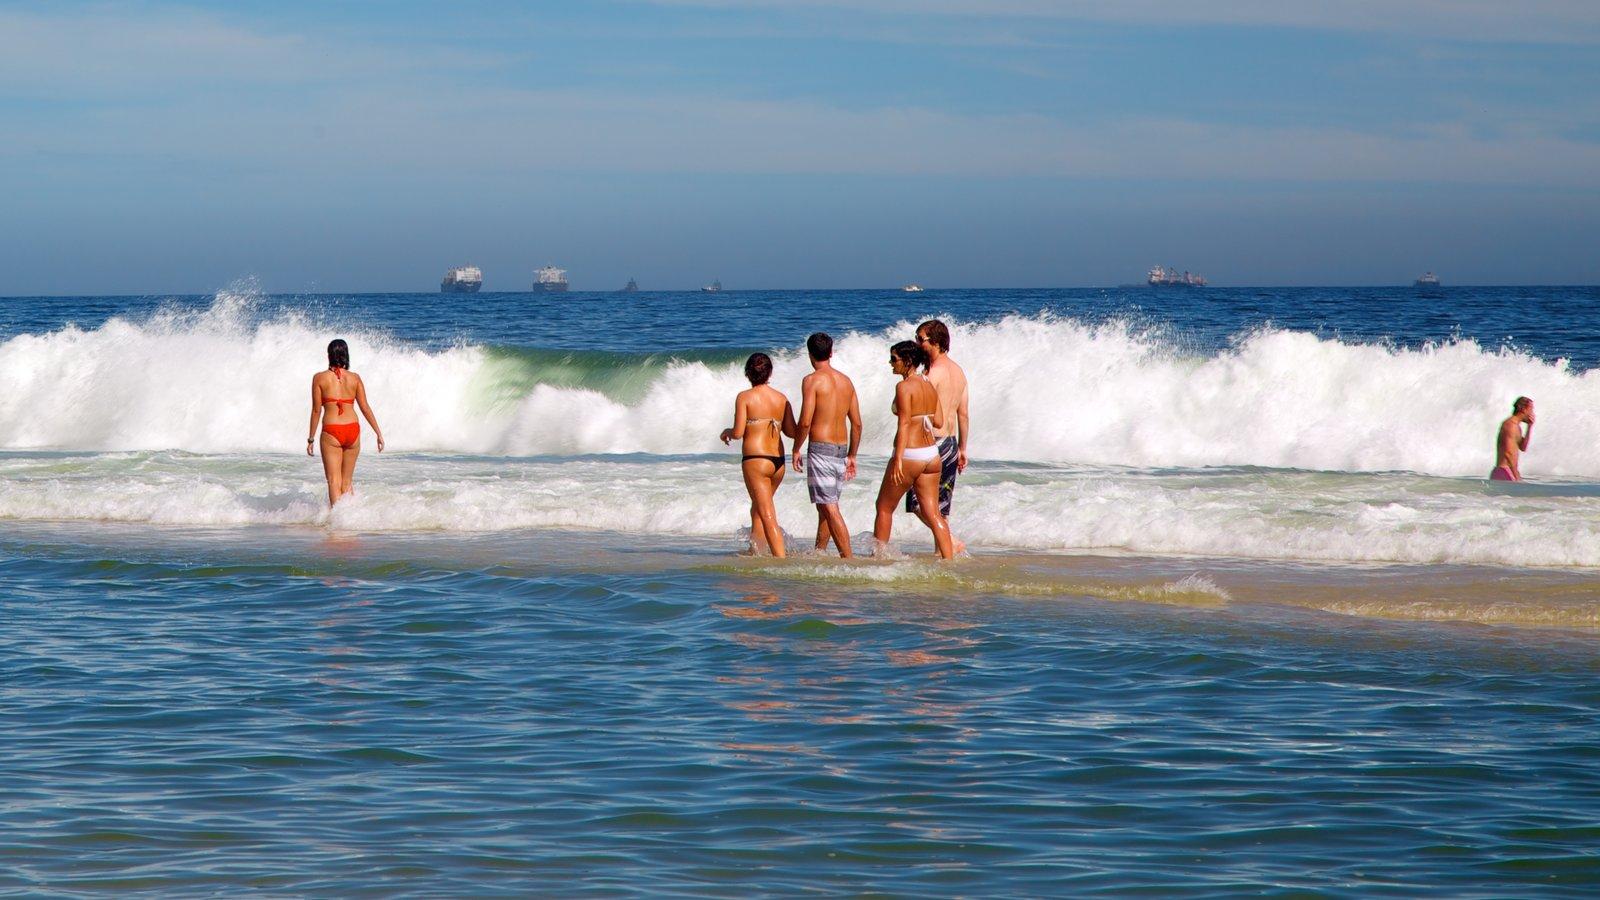 Praia de Ipanema caracterizando surfe e natação assim como um pequeno grupo de pessoas